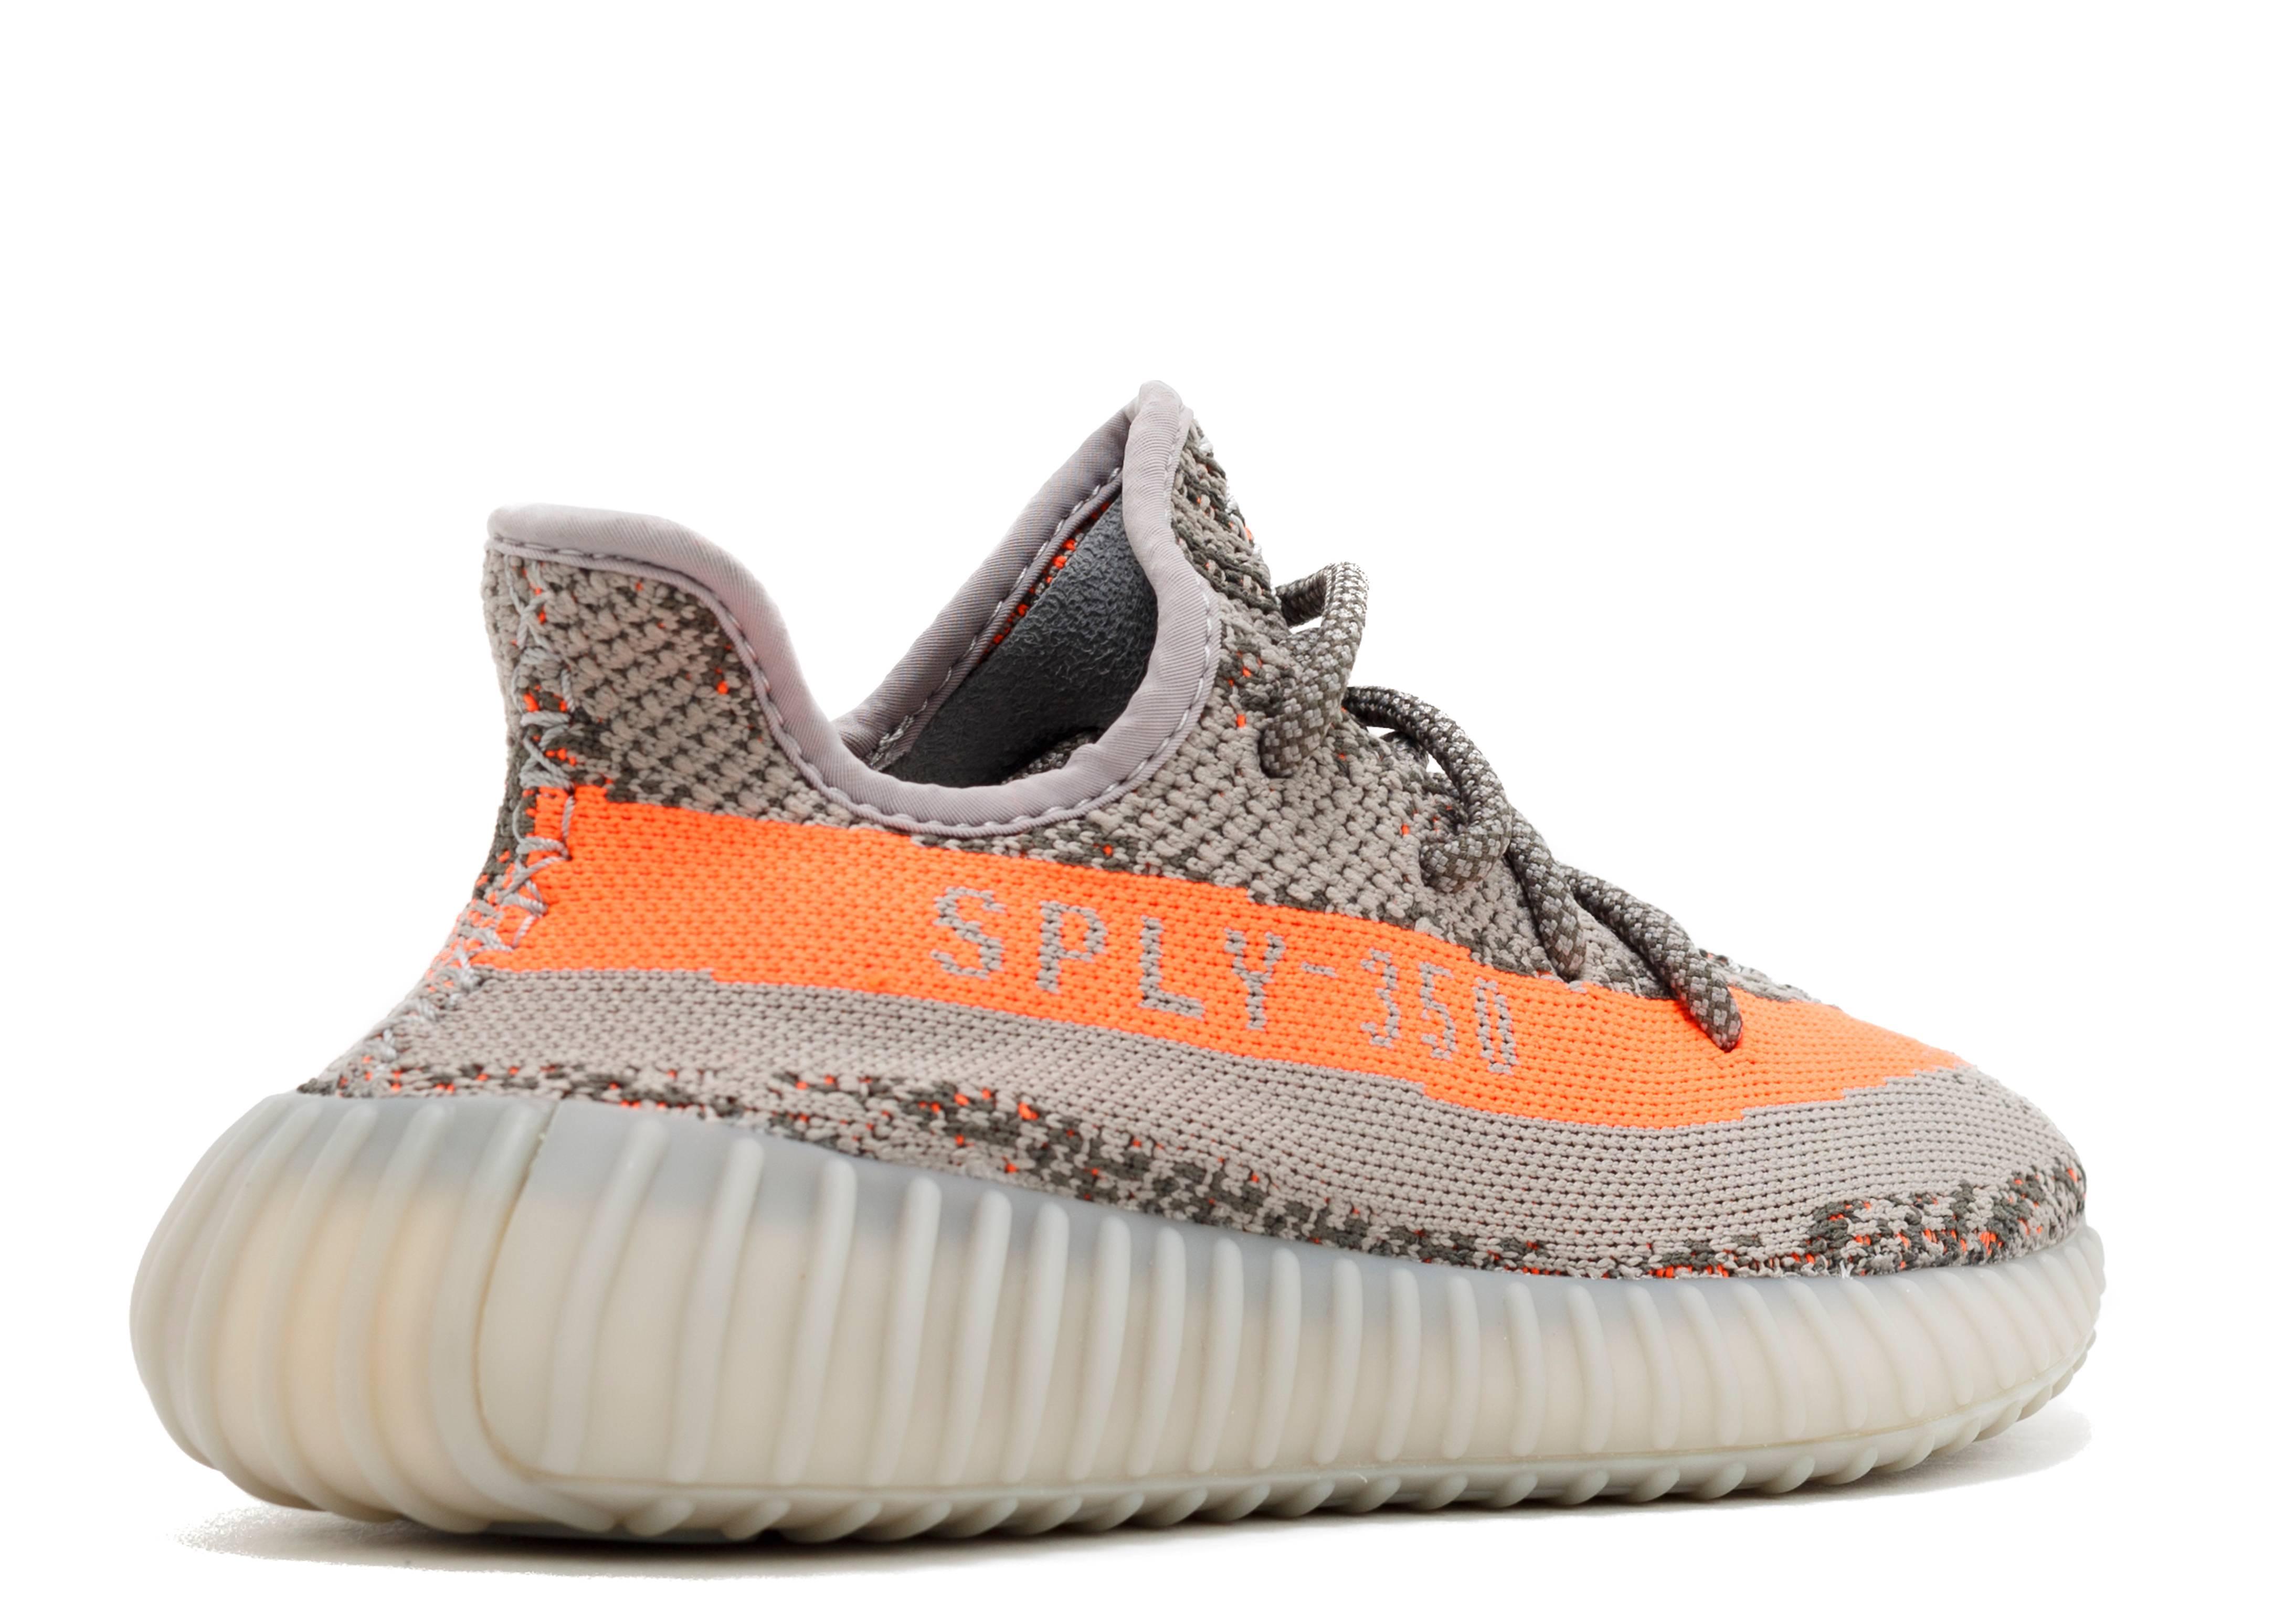 d64b8ddce5d43 Adidas Yeezy Boost 350 V2 Online Release Links — Sneaker Shouts ...